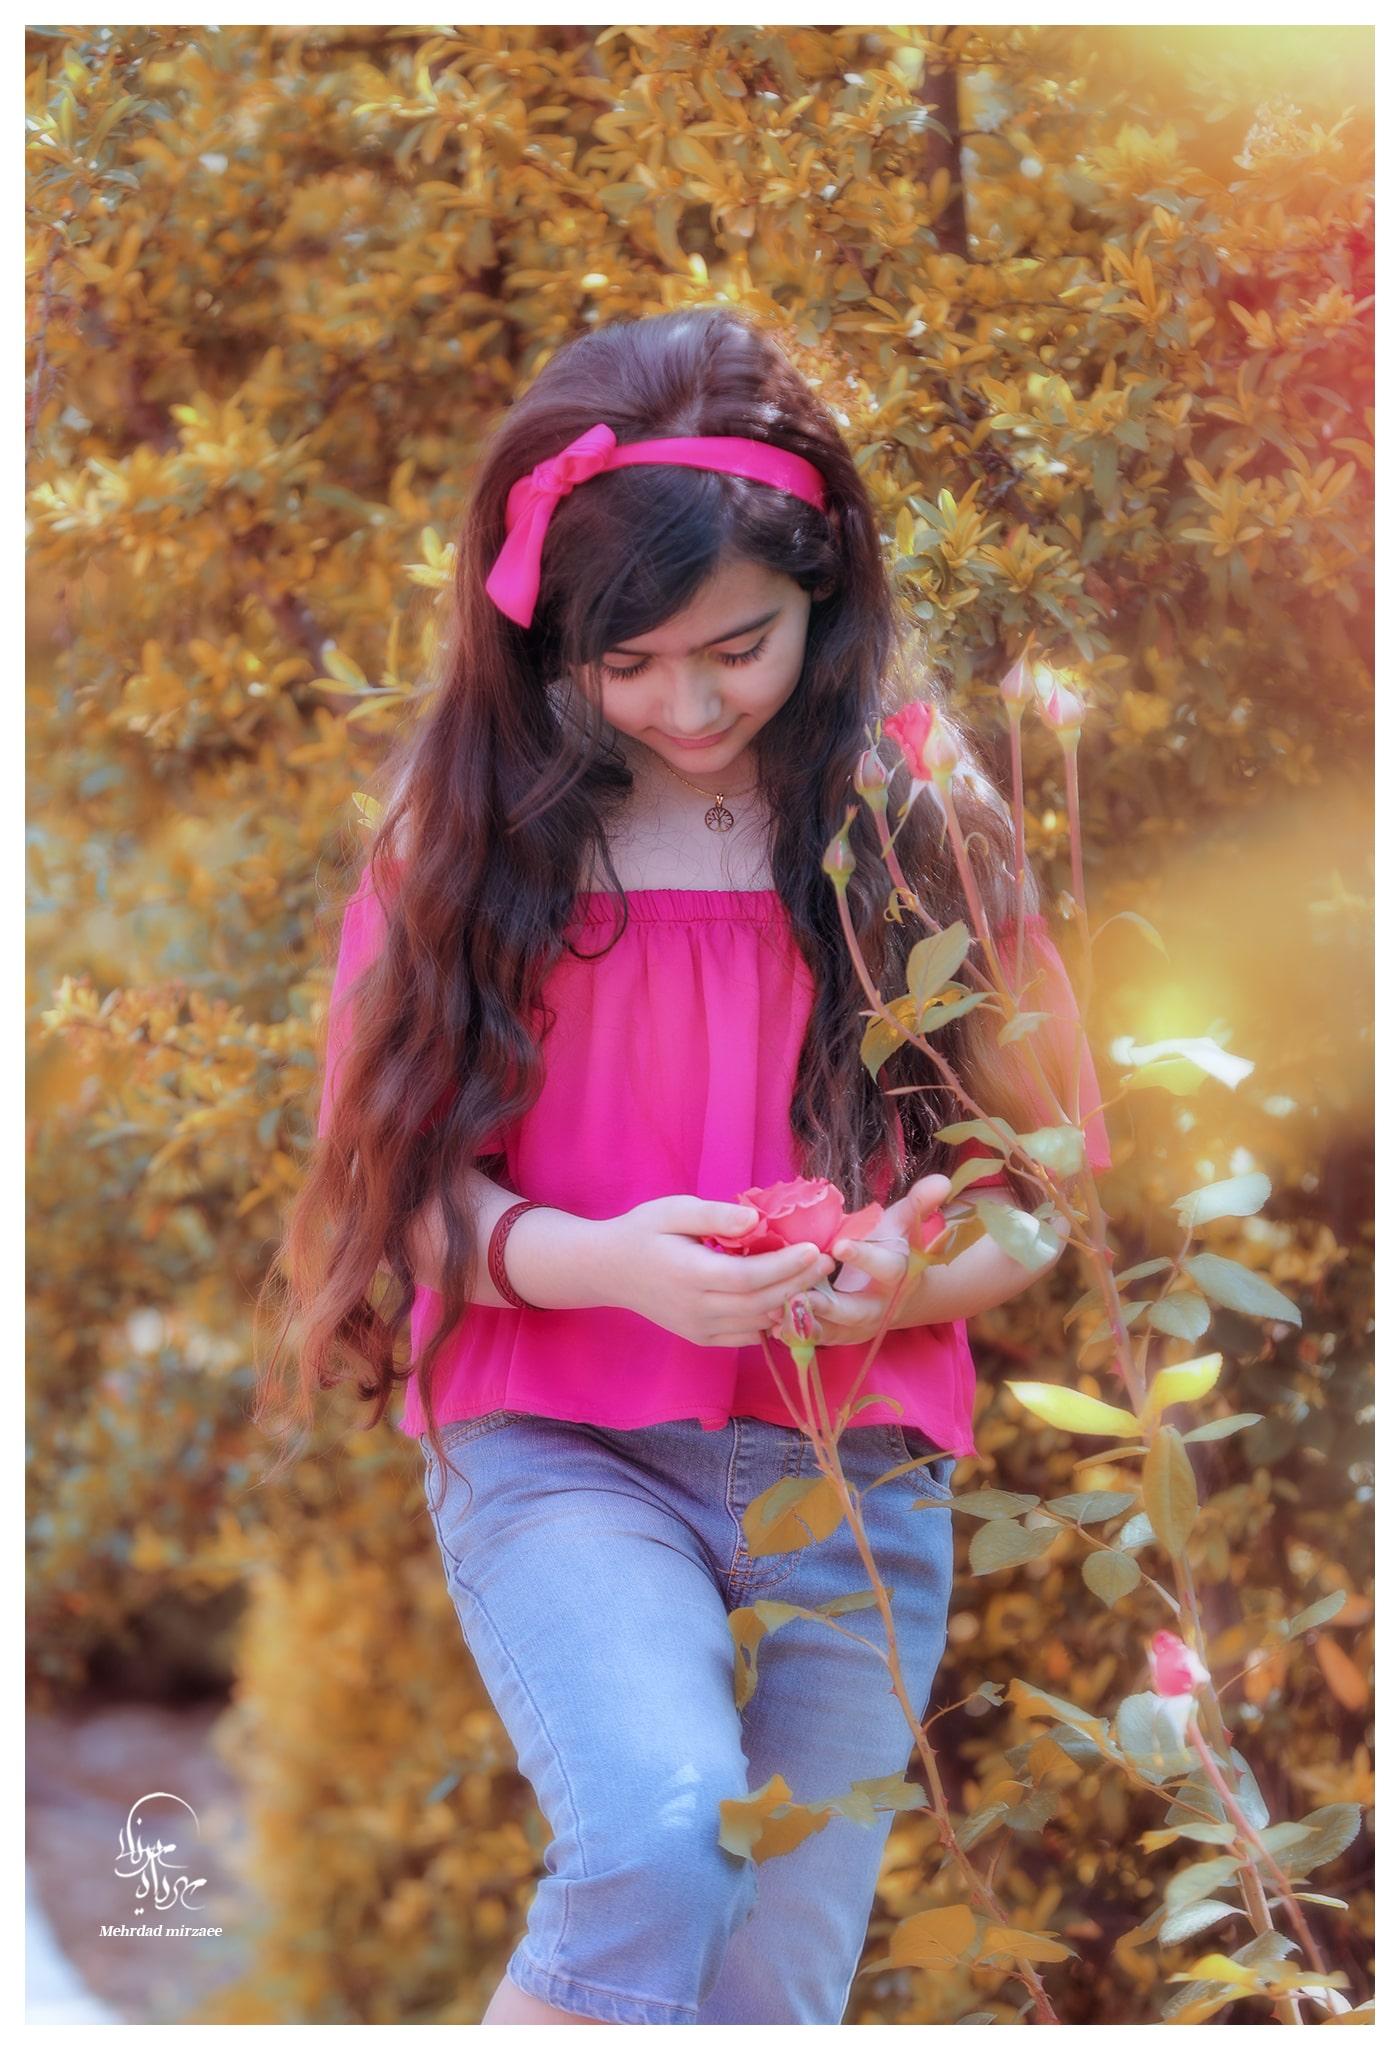 ژست عکس دخترانه در طبیعت / ژست کودک در طبیعت / ژست عکاسی در طبیعت/